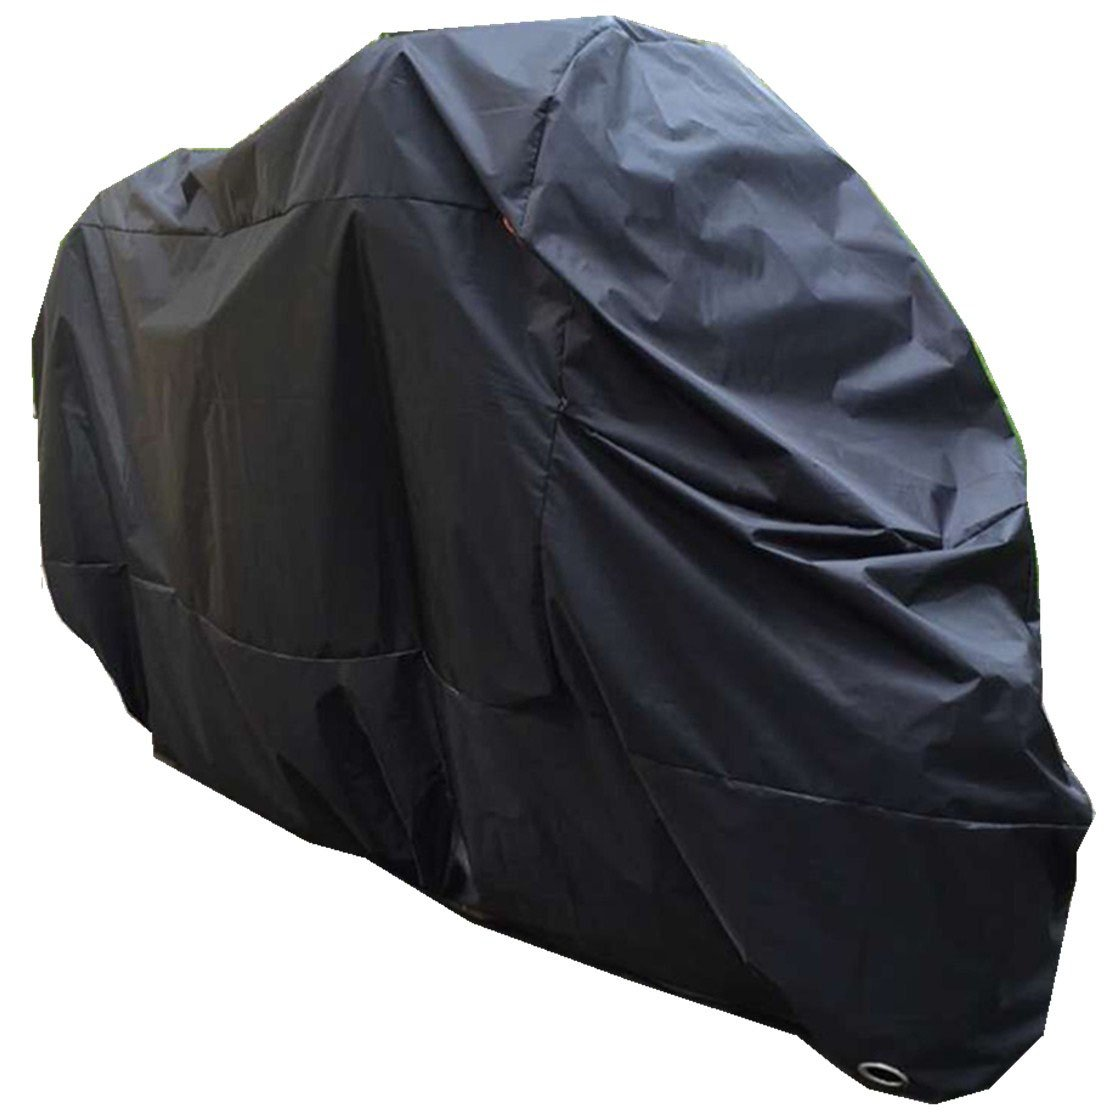 Goandstop Housse de Protection, Couverture pour Moto Scooter en Polyester Impermeable 190T XL 03